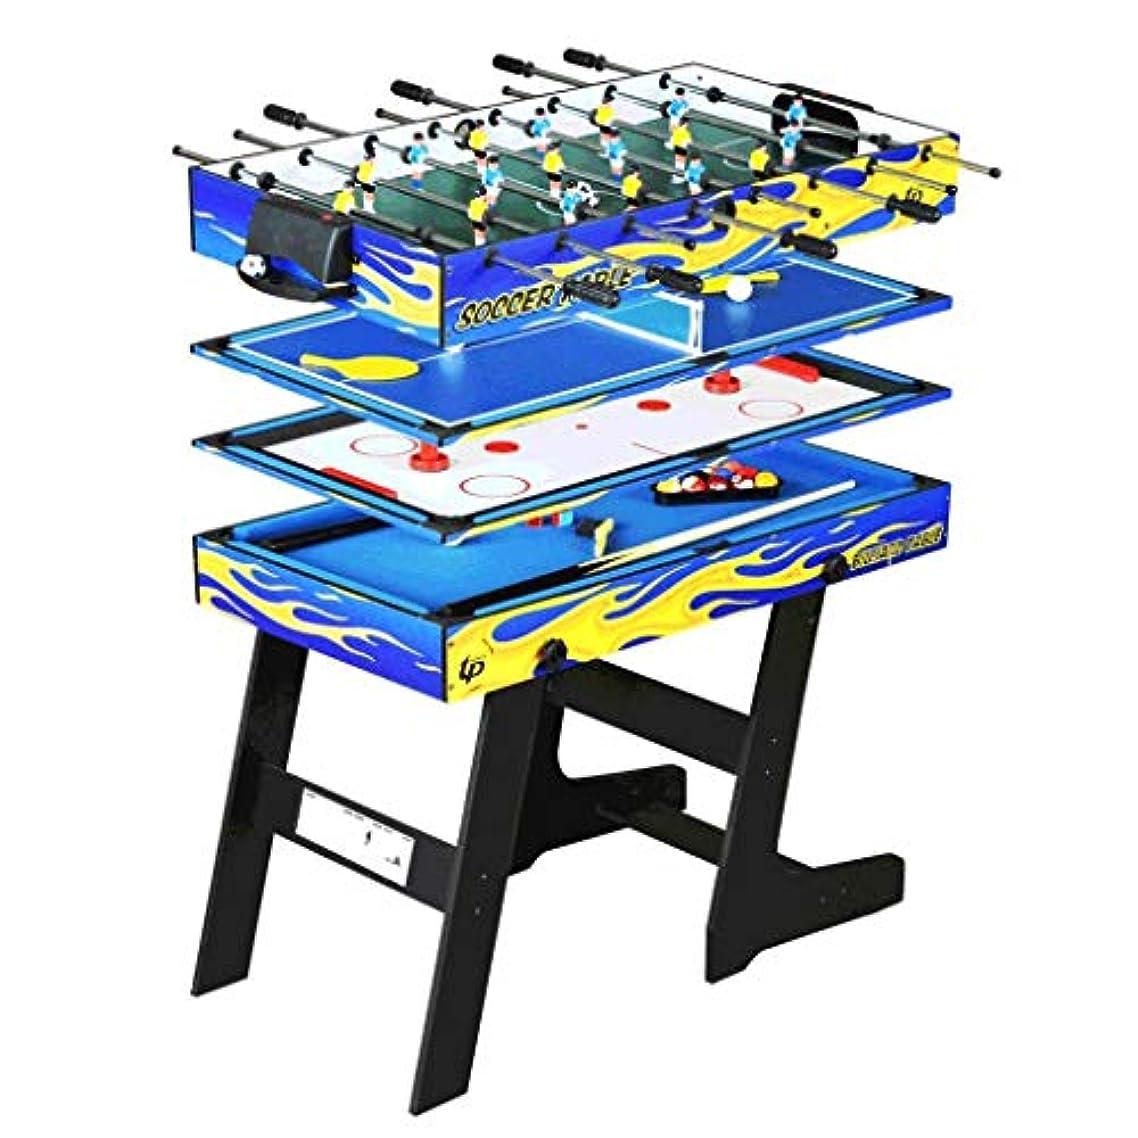 絶えず傾斜予約テーブルサッカーパズルゲームテーブルテーブルサッカーテーブル子供のおもちゃテーブルテニステーブルビリヤードテーブルファミリーギフトショッピングモールゲーム機 (Color : BLUE, Size : 120*60*82CM)